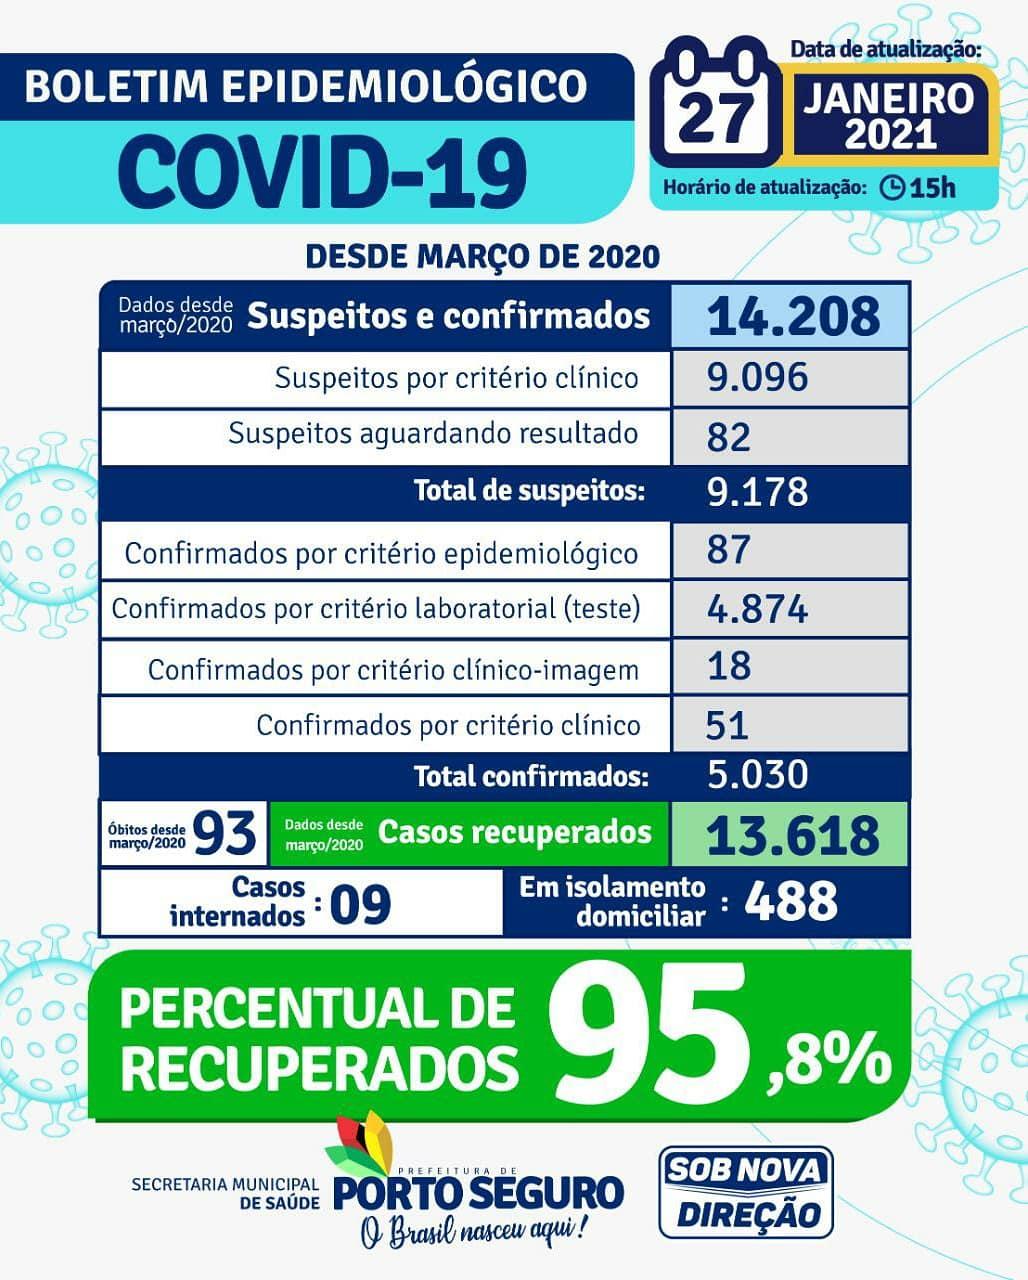 Porto Seguro: Boletim Epidemiológico Coronavírus (quarta feira) 27/01 25